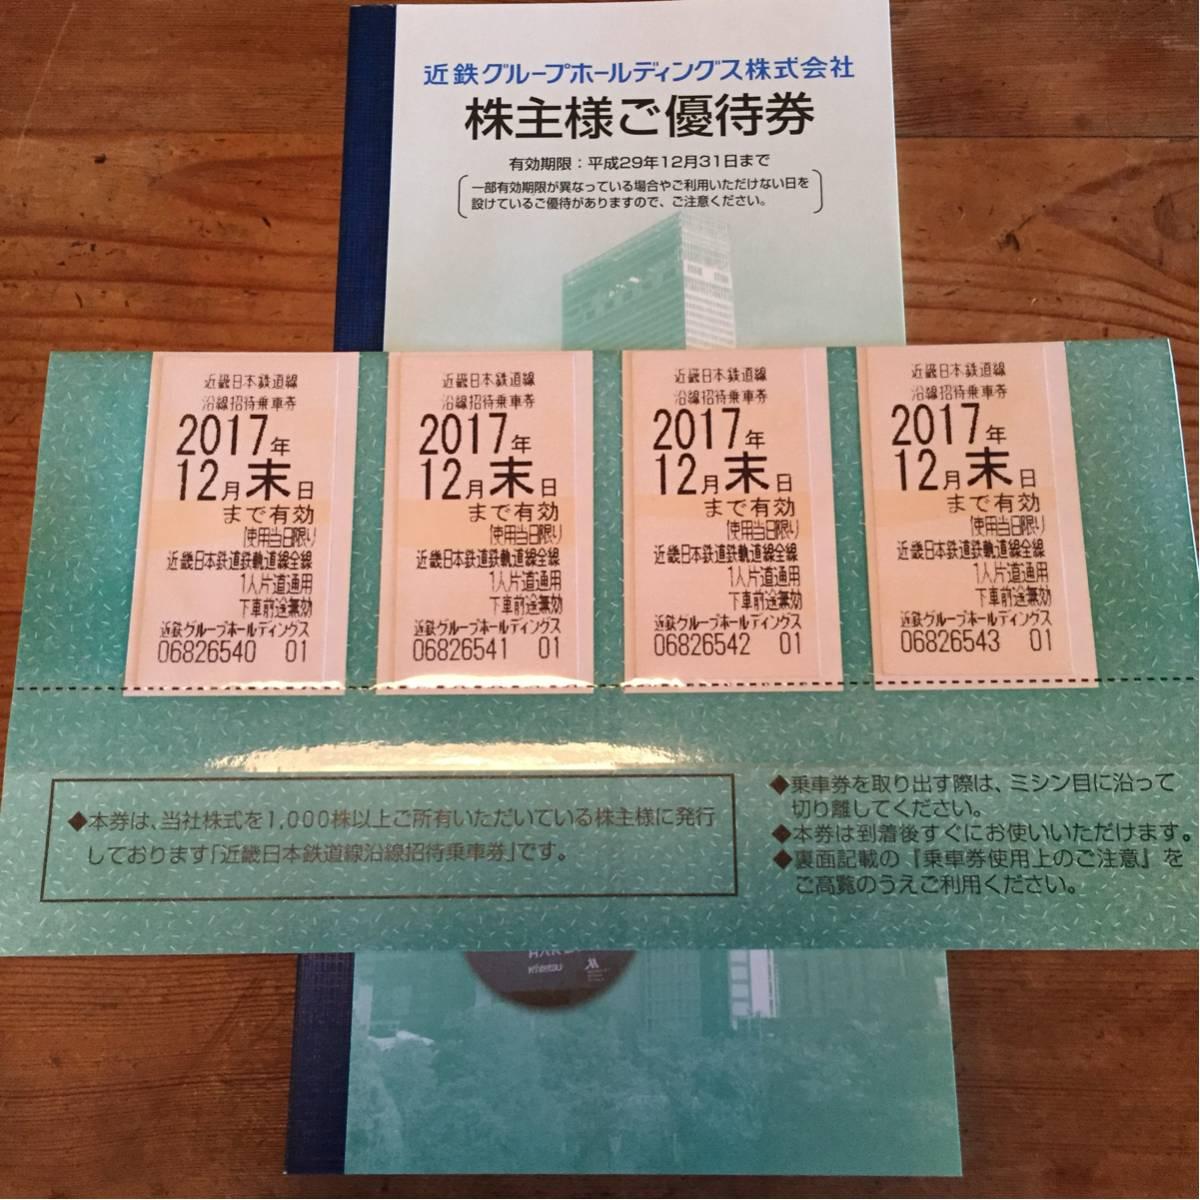 ◆近鉄乗車券4枚+株主優待券 2017.12月末迄 送料込◆